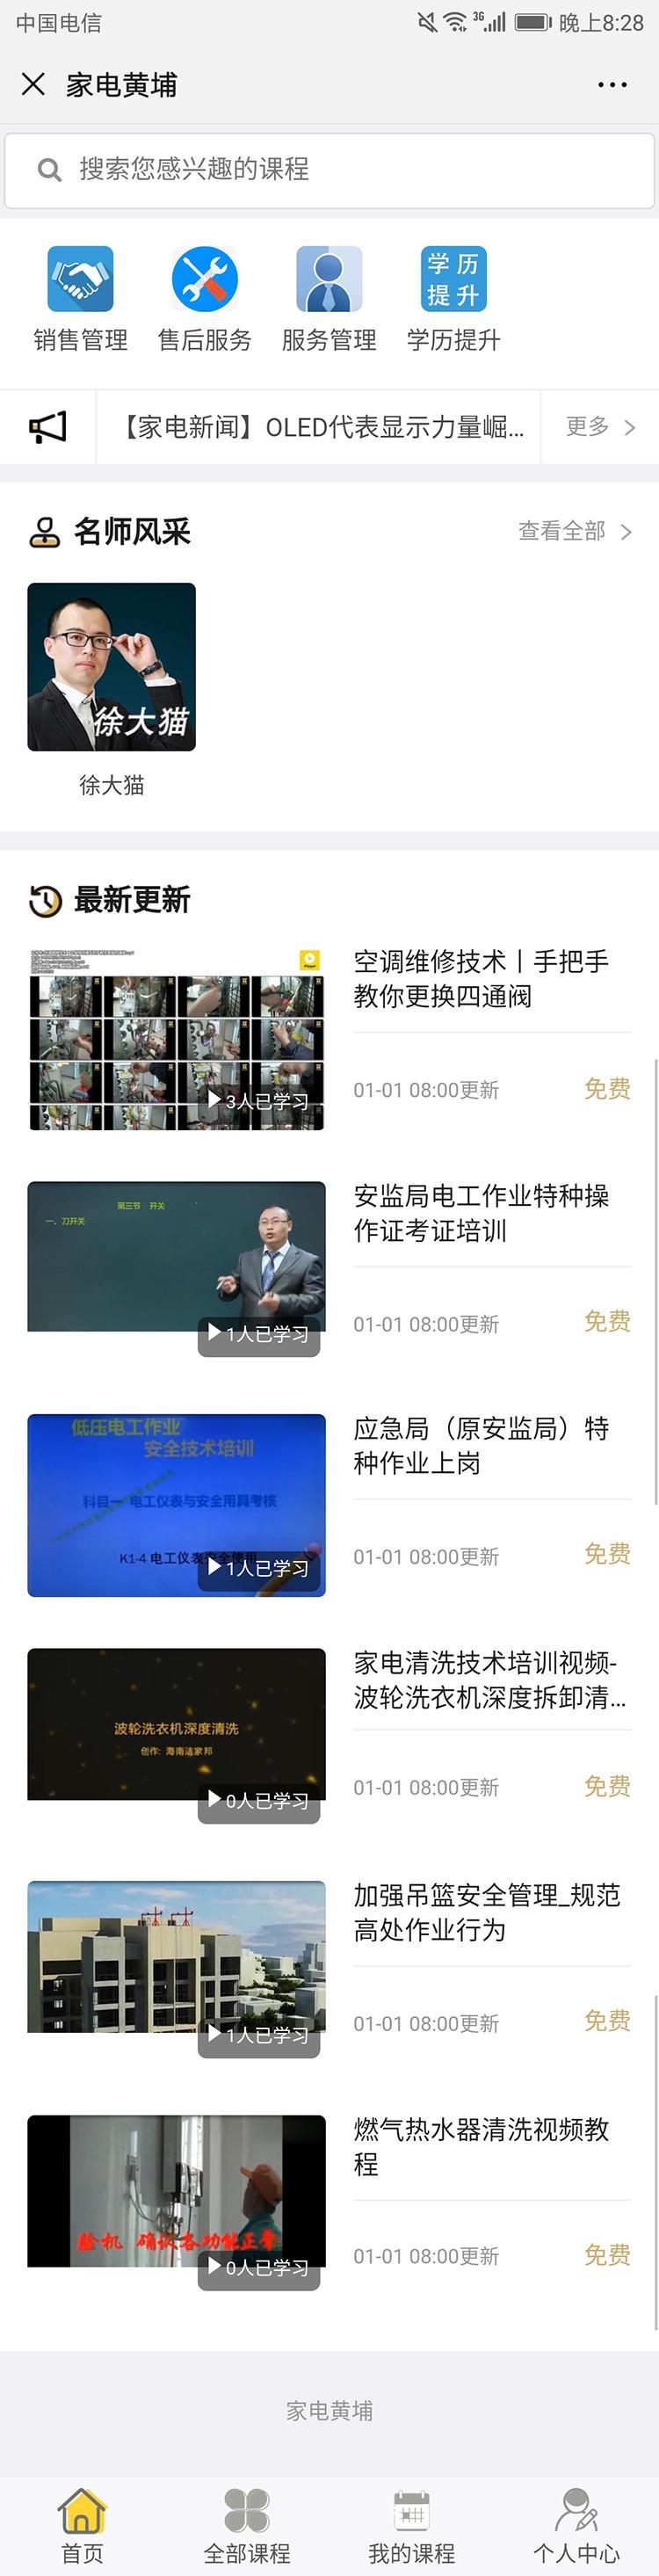 家电黄浦,济南公众号系统开发,济南微信开发,济南在线教育系统